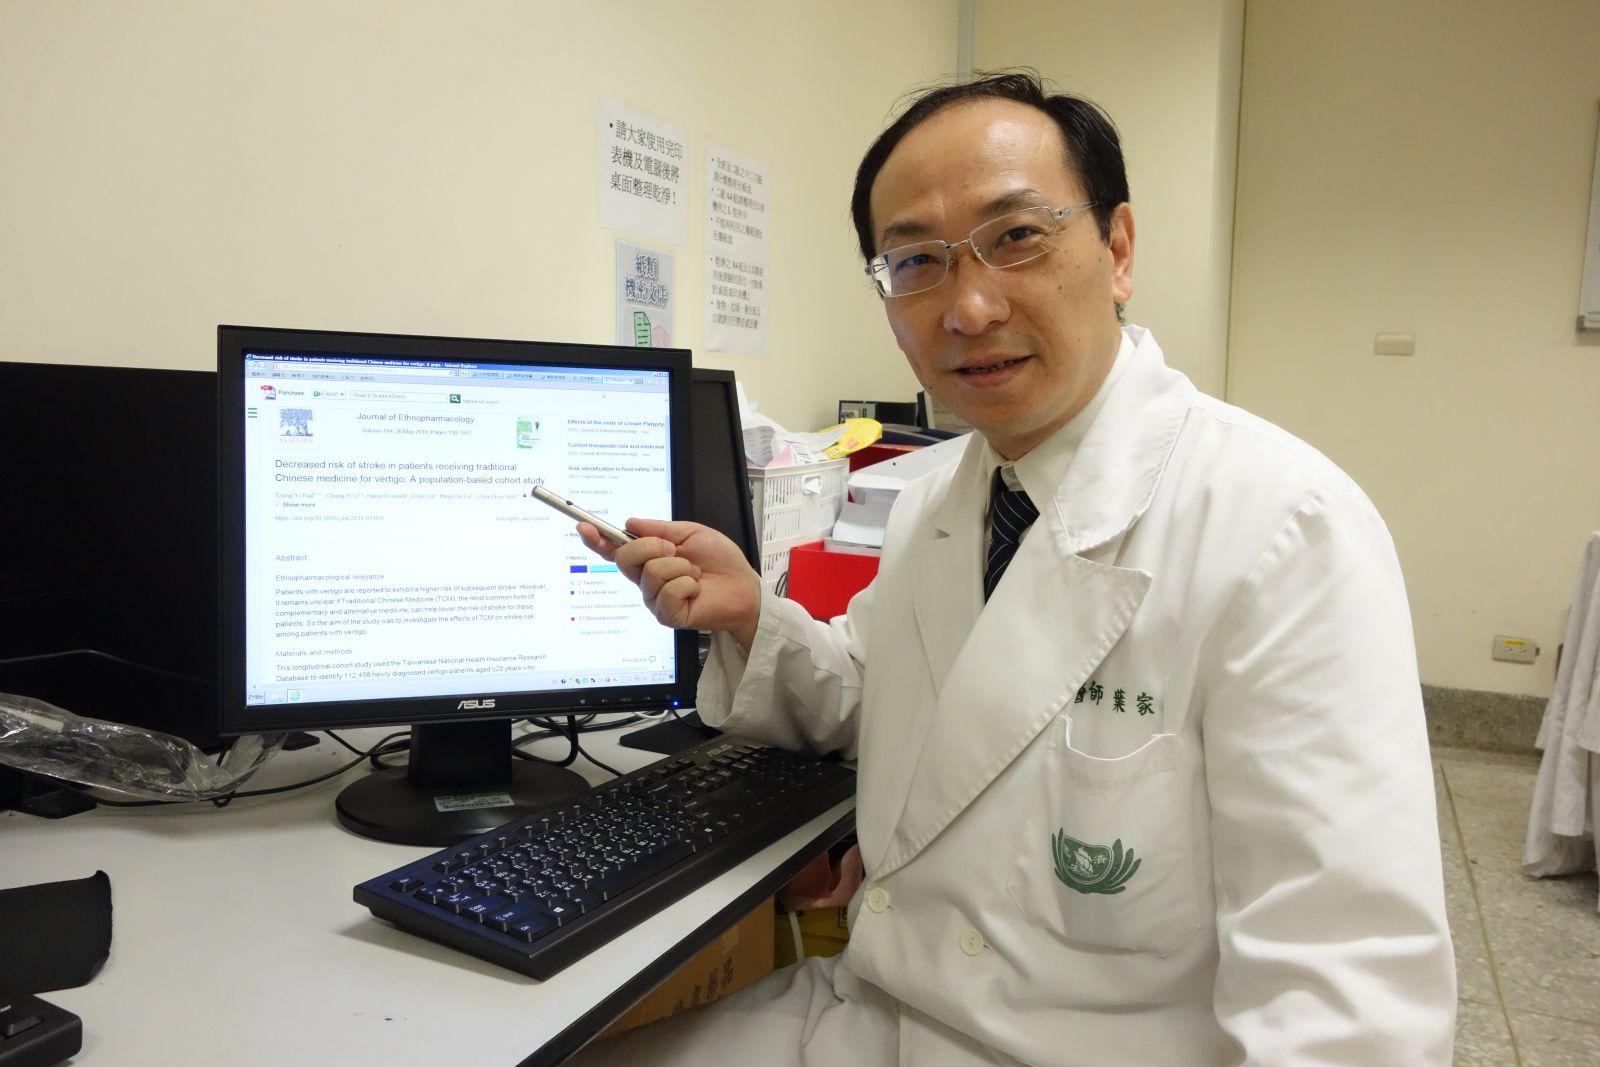 上圖:大林慈濟醫院中醫部主任葉家舟醫師